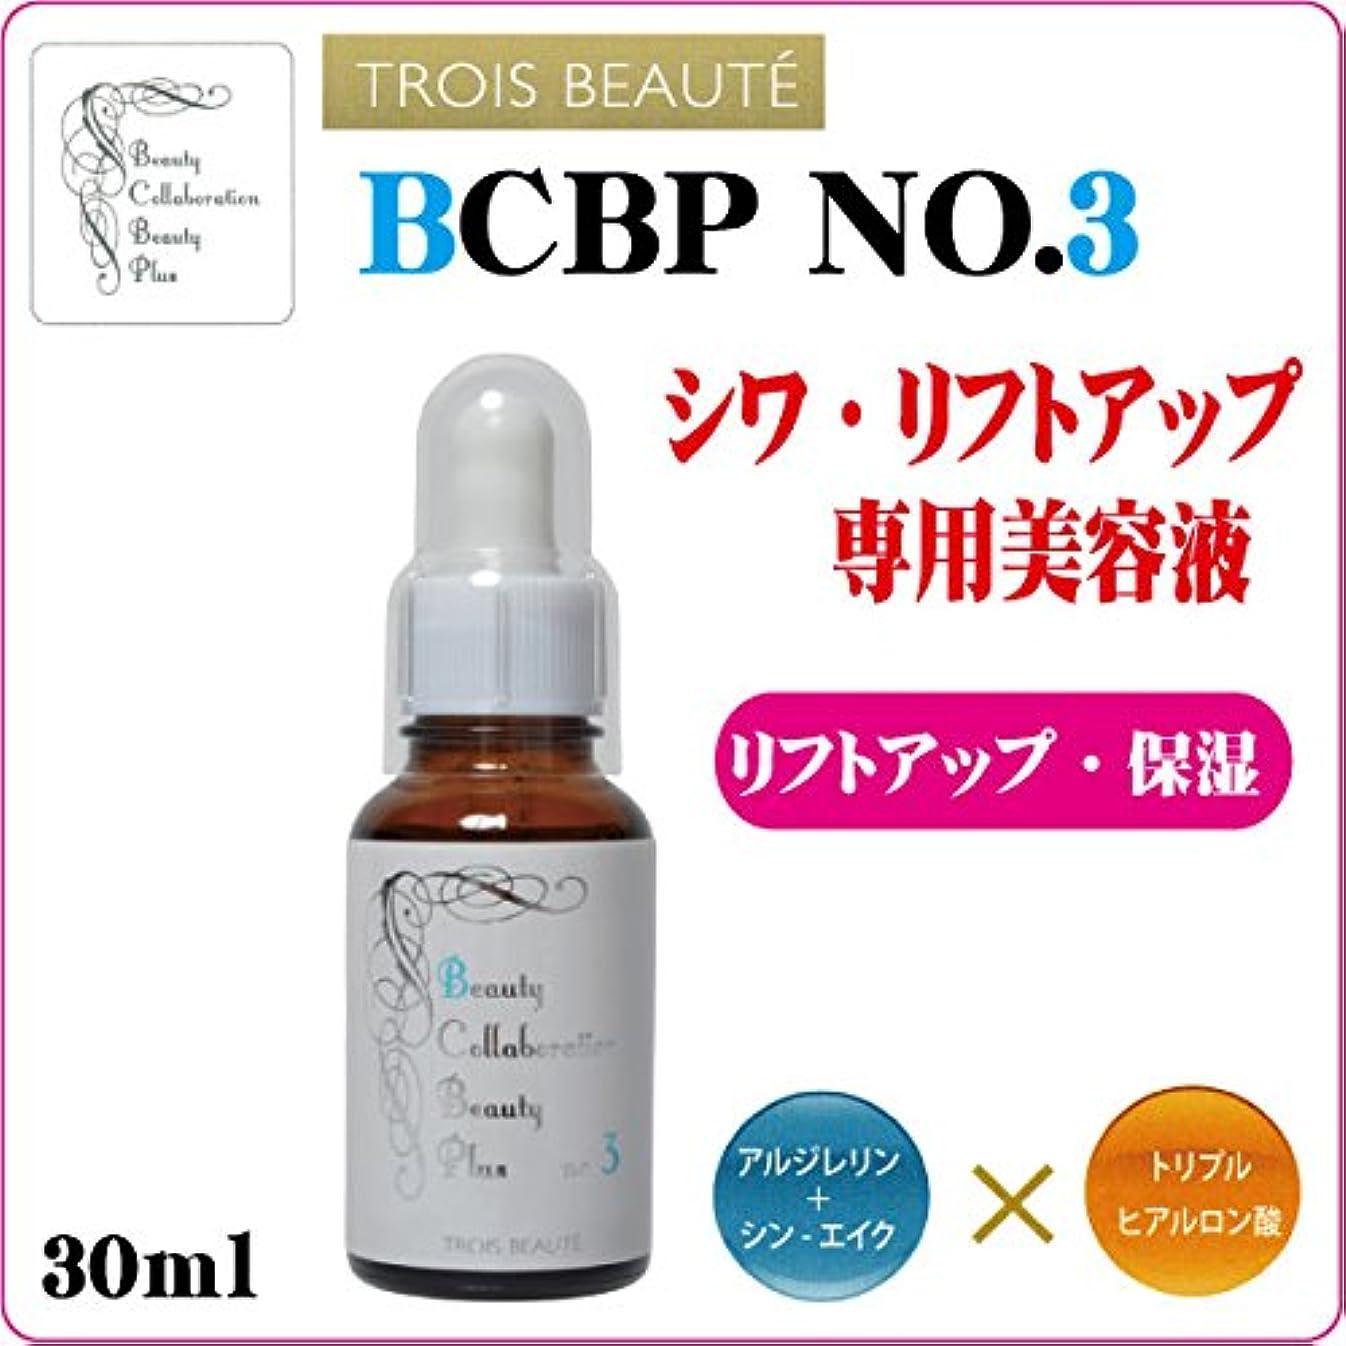 連帯デコレーション習慣BCBP no.3 アルジレリン+ヒアルロン酸 30ml